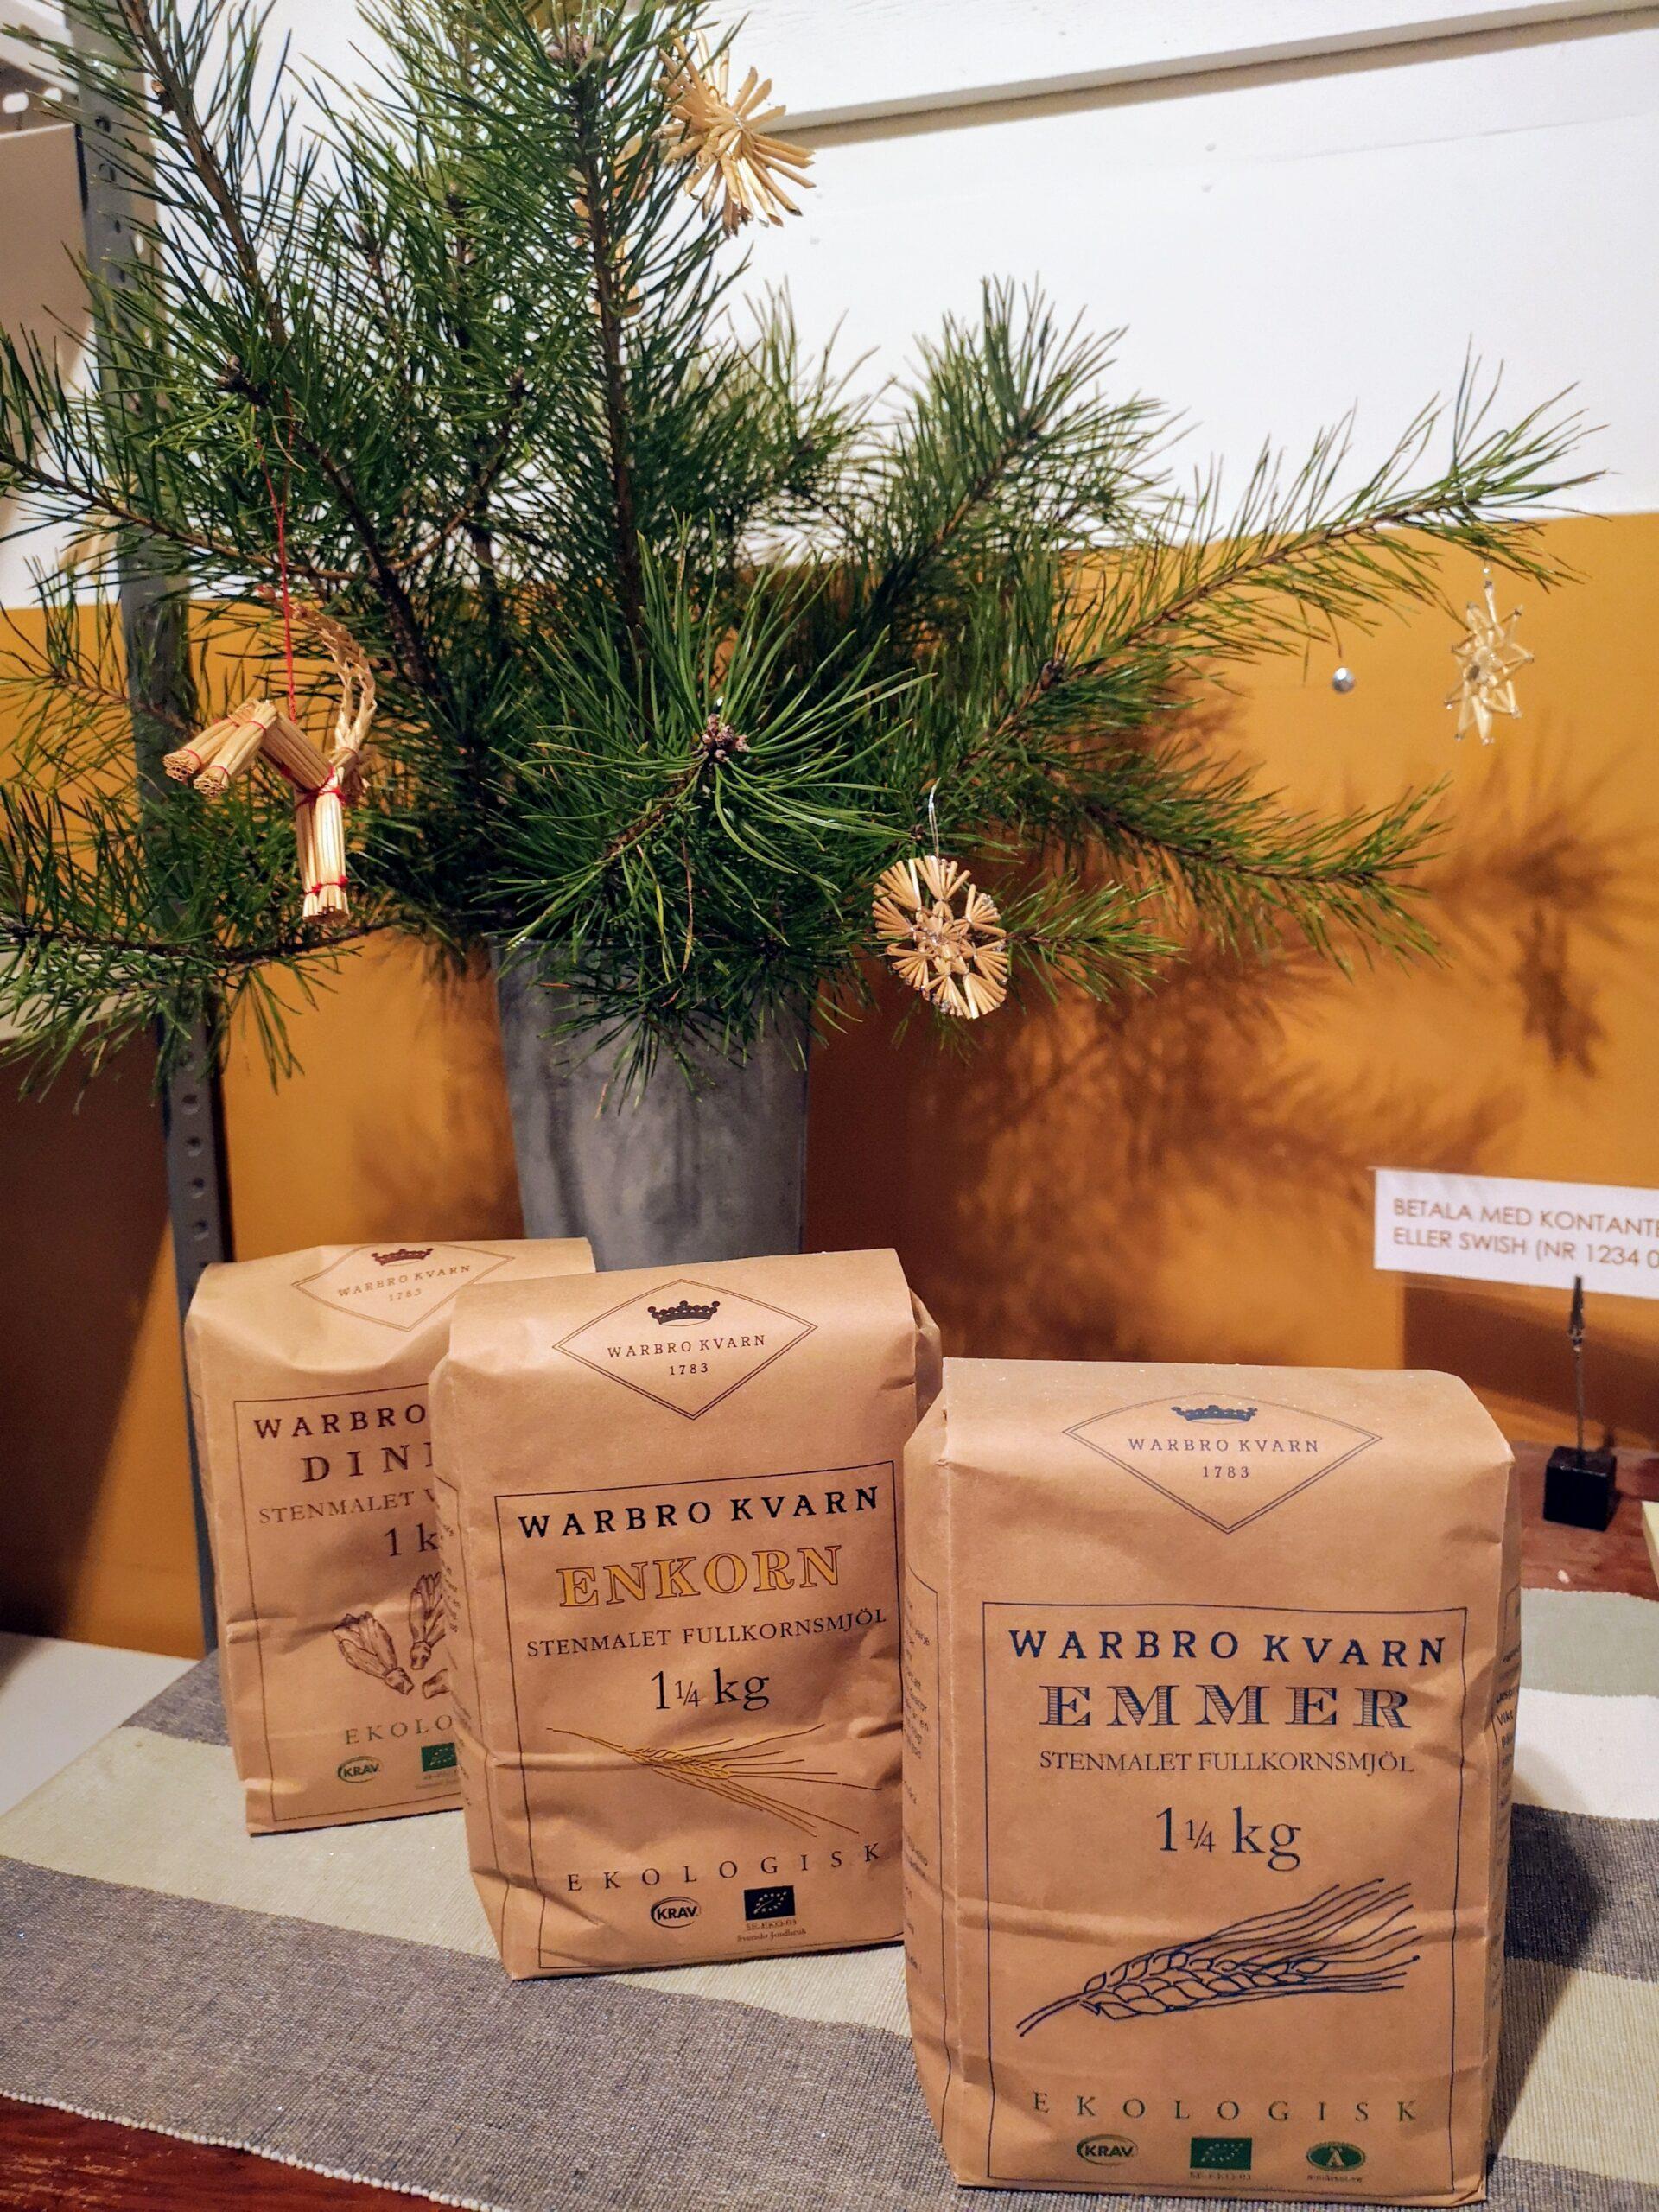 Välkommen att julhandla i vår gårdsbutik